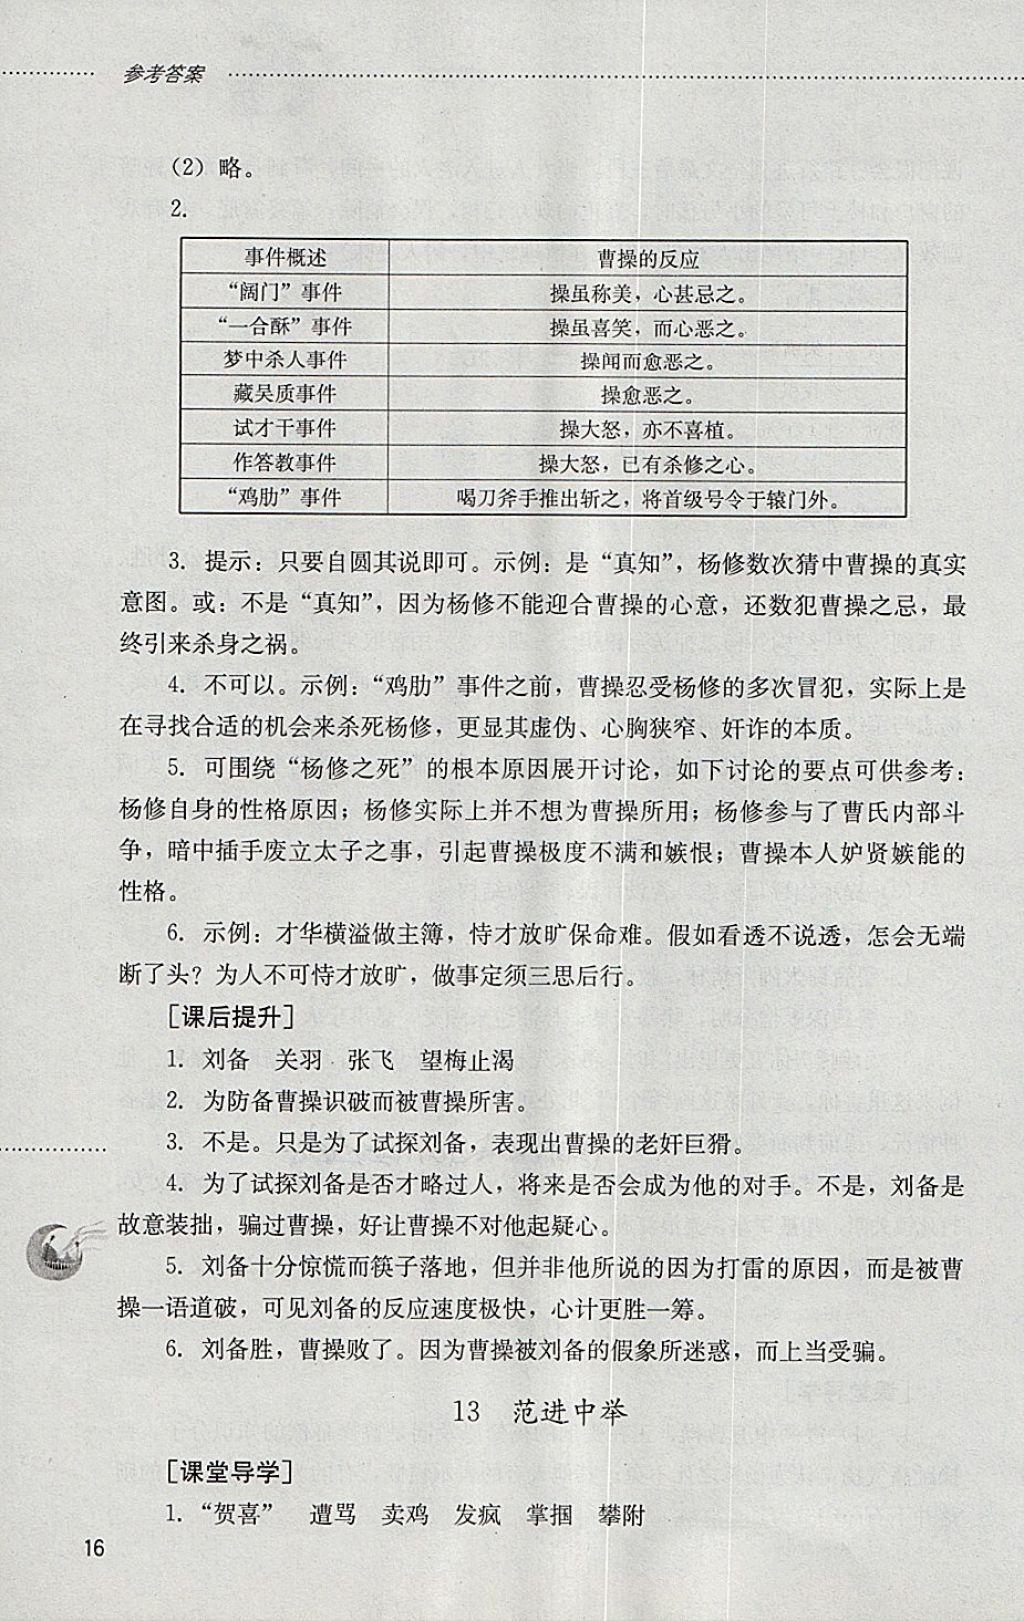 2018年初中课堂同步训练九年级语文下册山东文艺出版社第16页